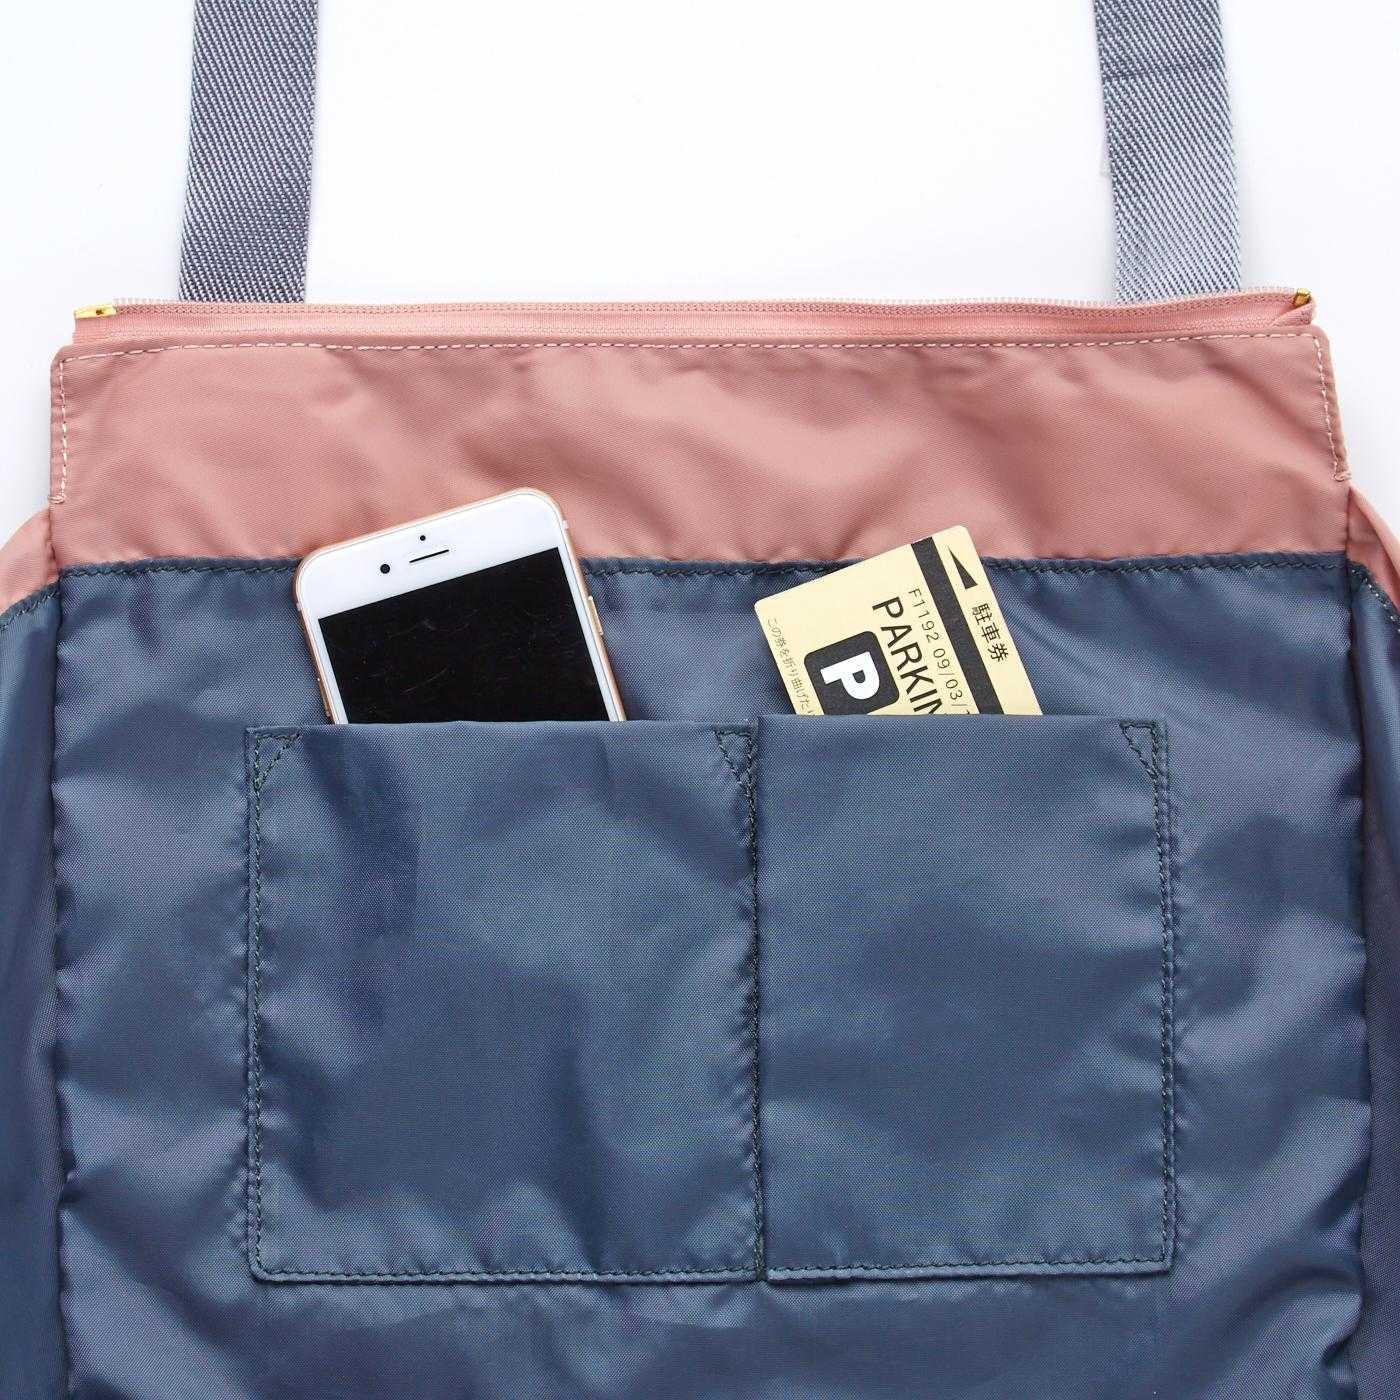 内側にはスマートフォンや駐車券入れに便利なポケット付き。